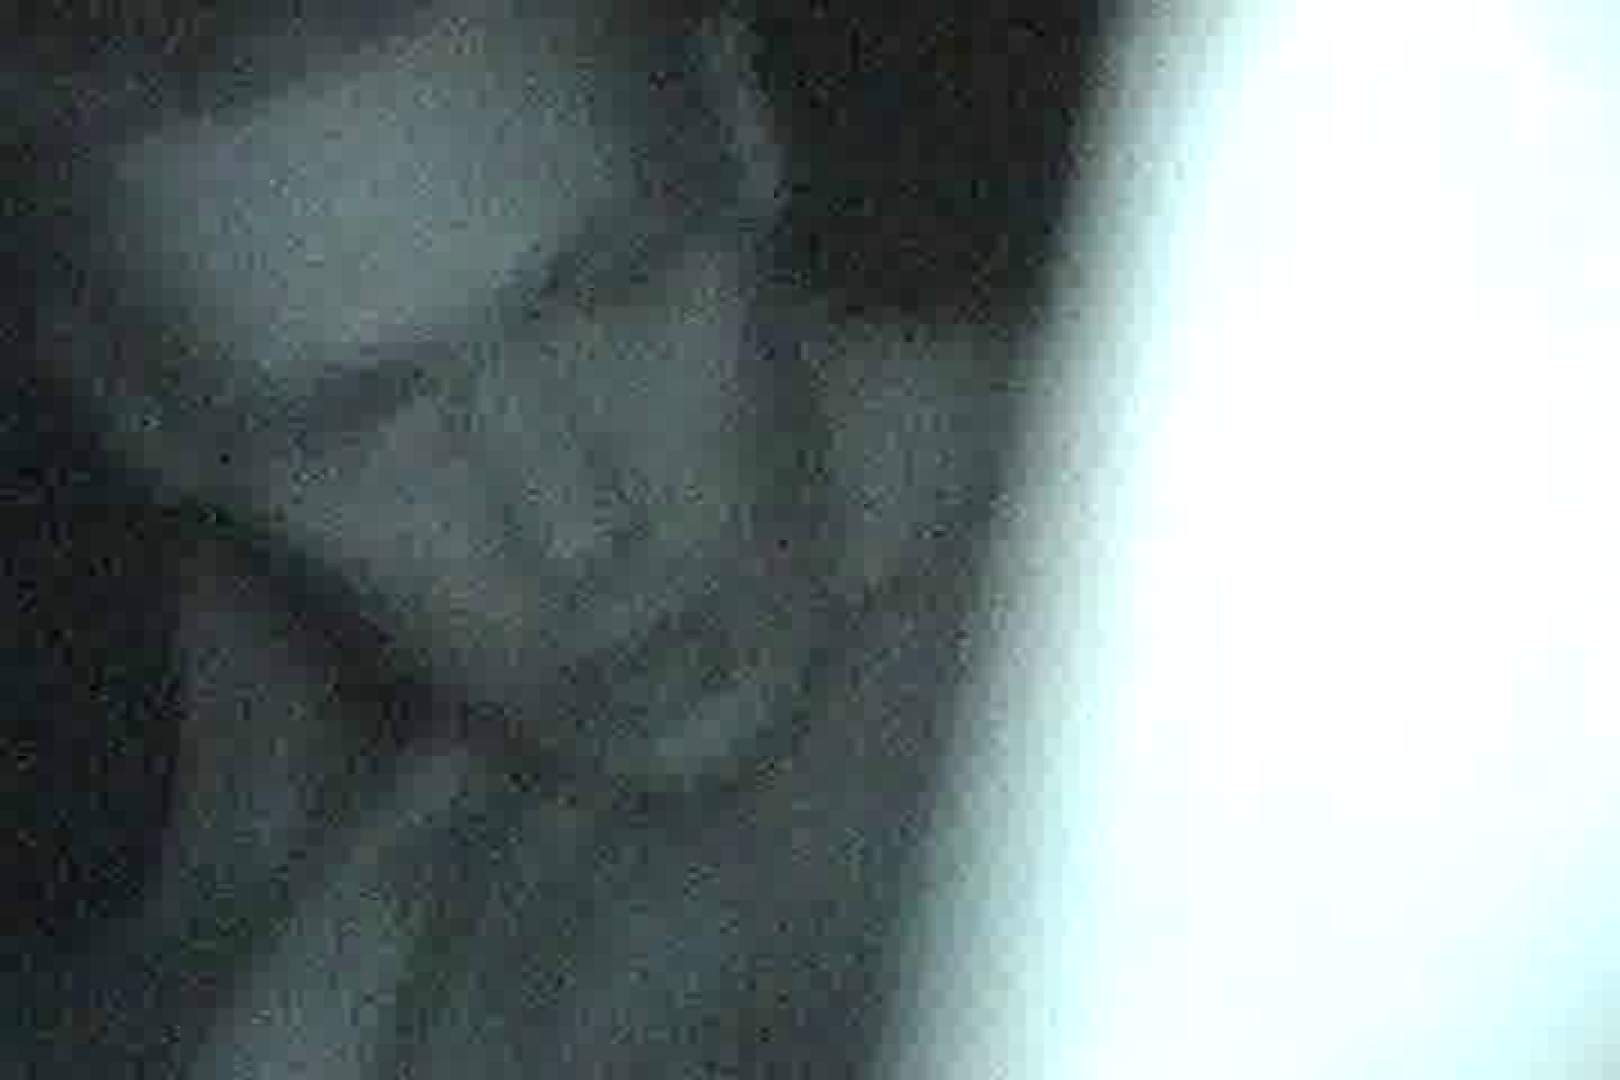 充血監督の深夜の運動会Vol.22 フェラ 覗きスケベ動画紹介 63連発 9